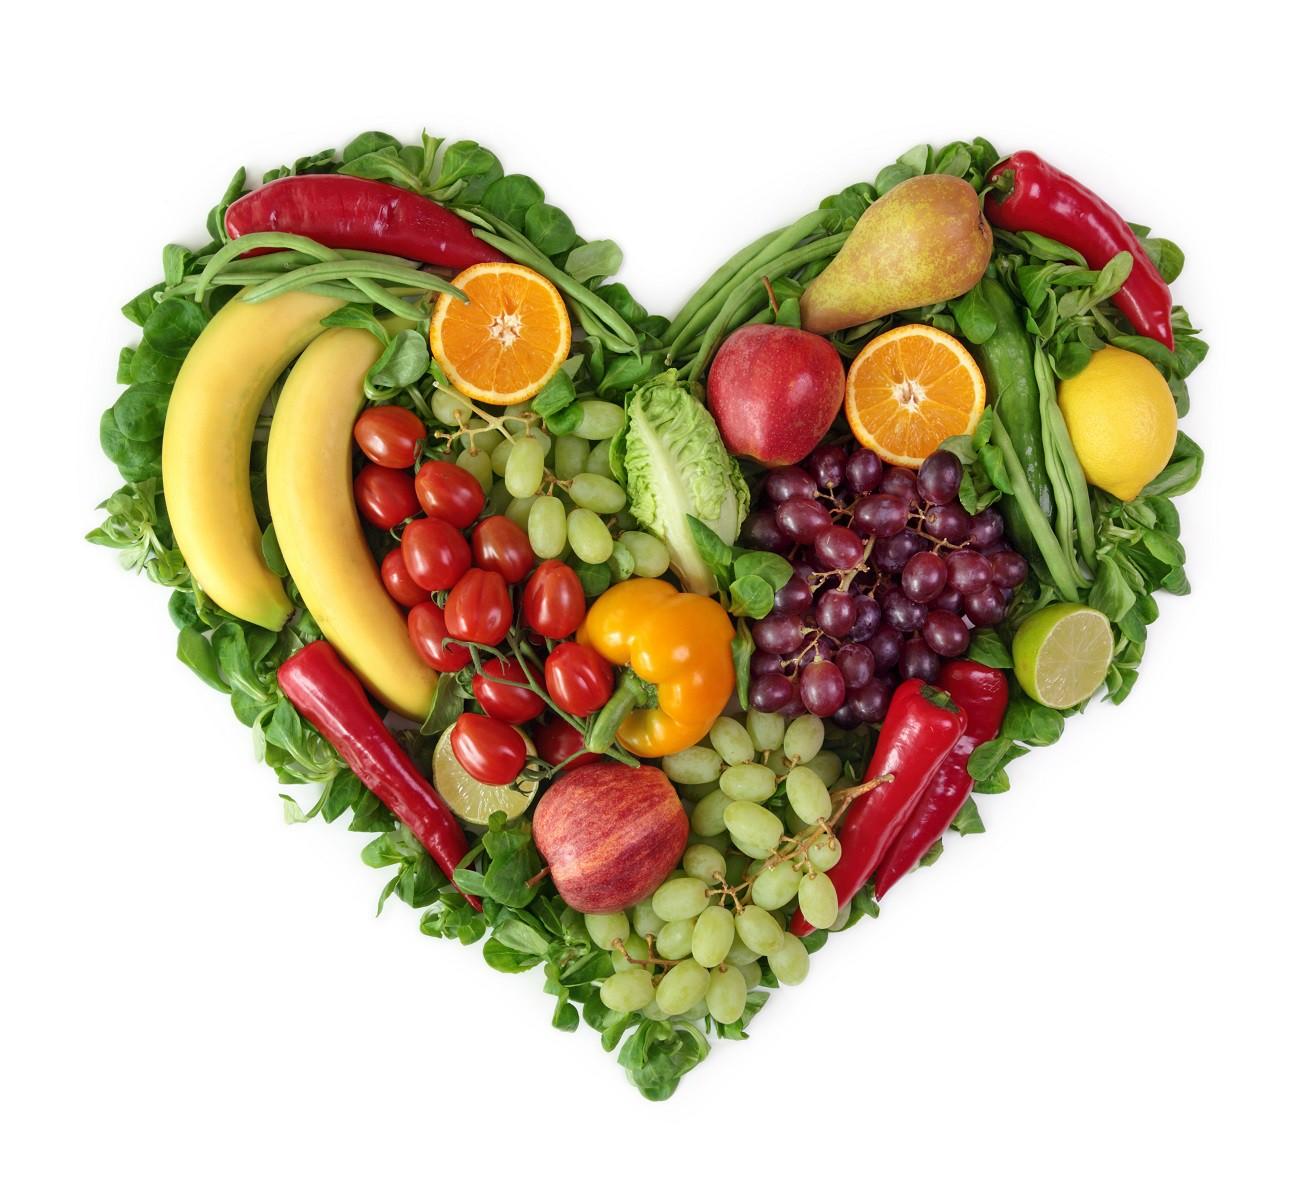 توصیه های تغذیه ای برای درمان خانگی زکام